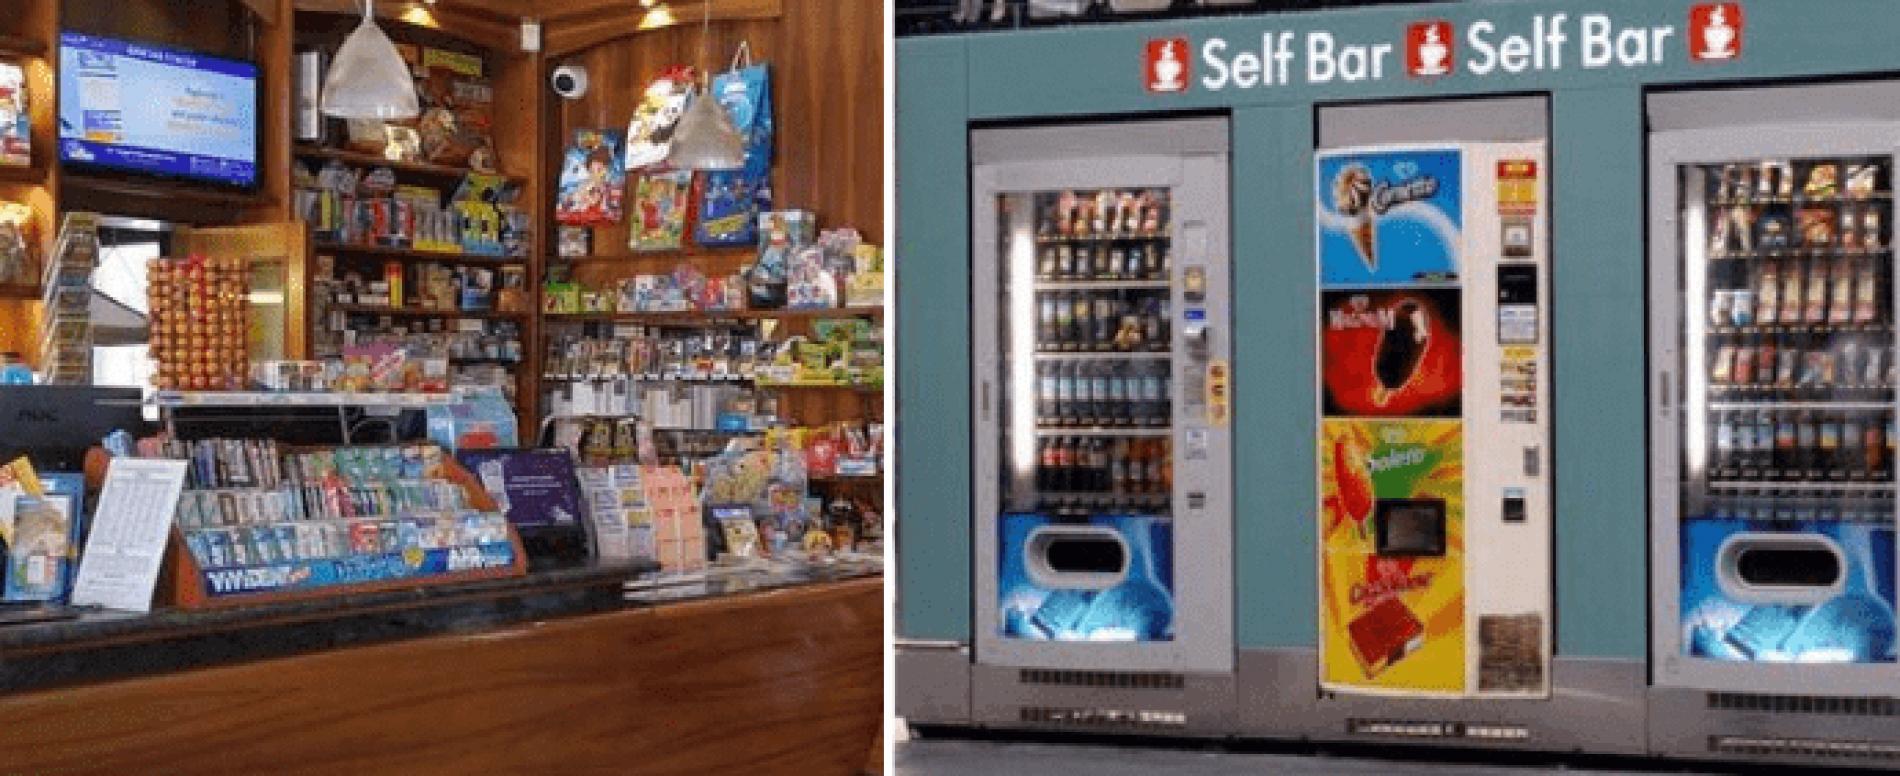 Carpi. Progetto Salvasalute: distributori automatici lontani dai minori